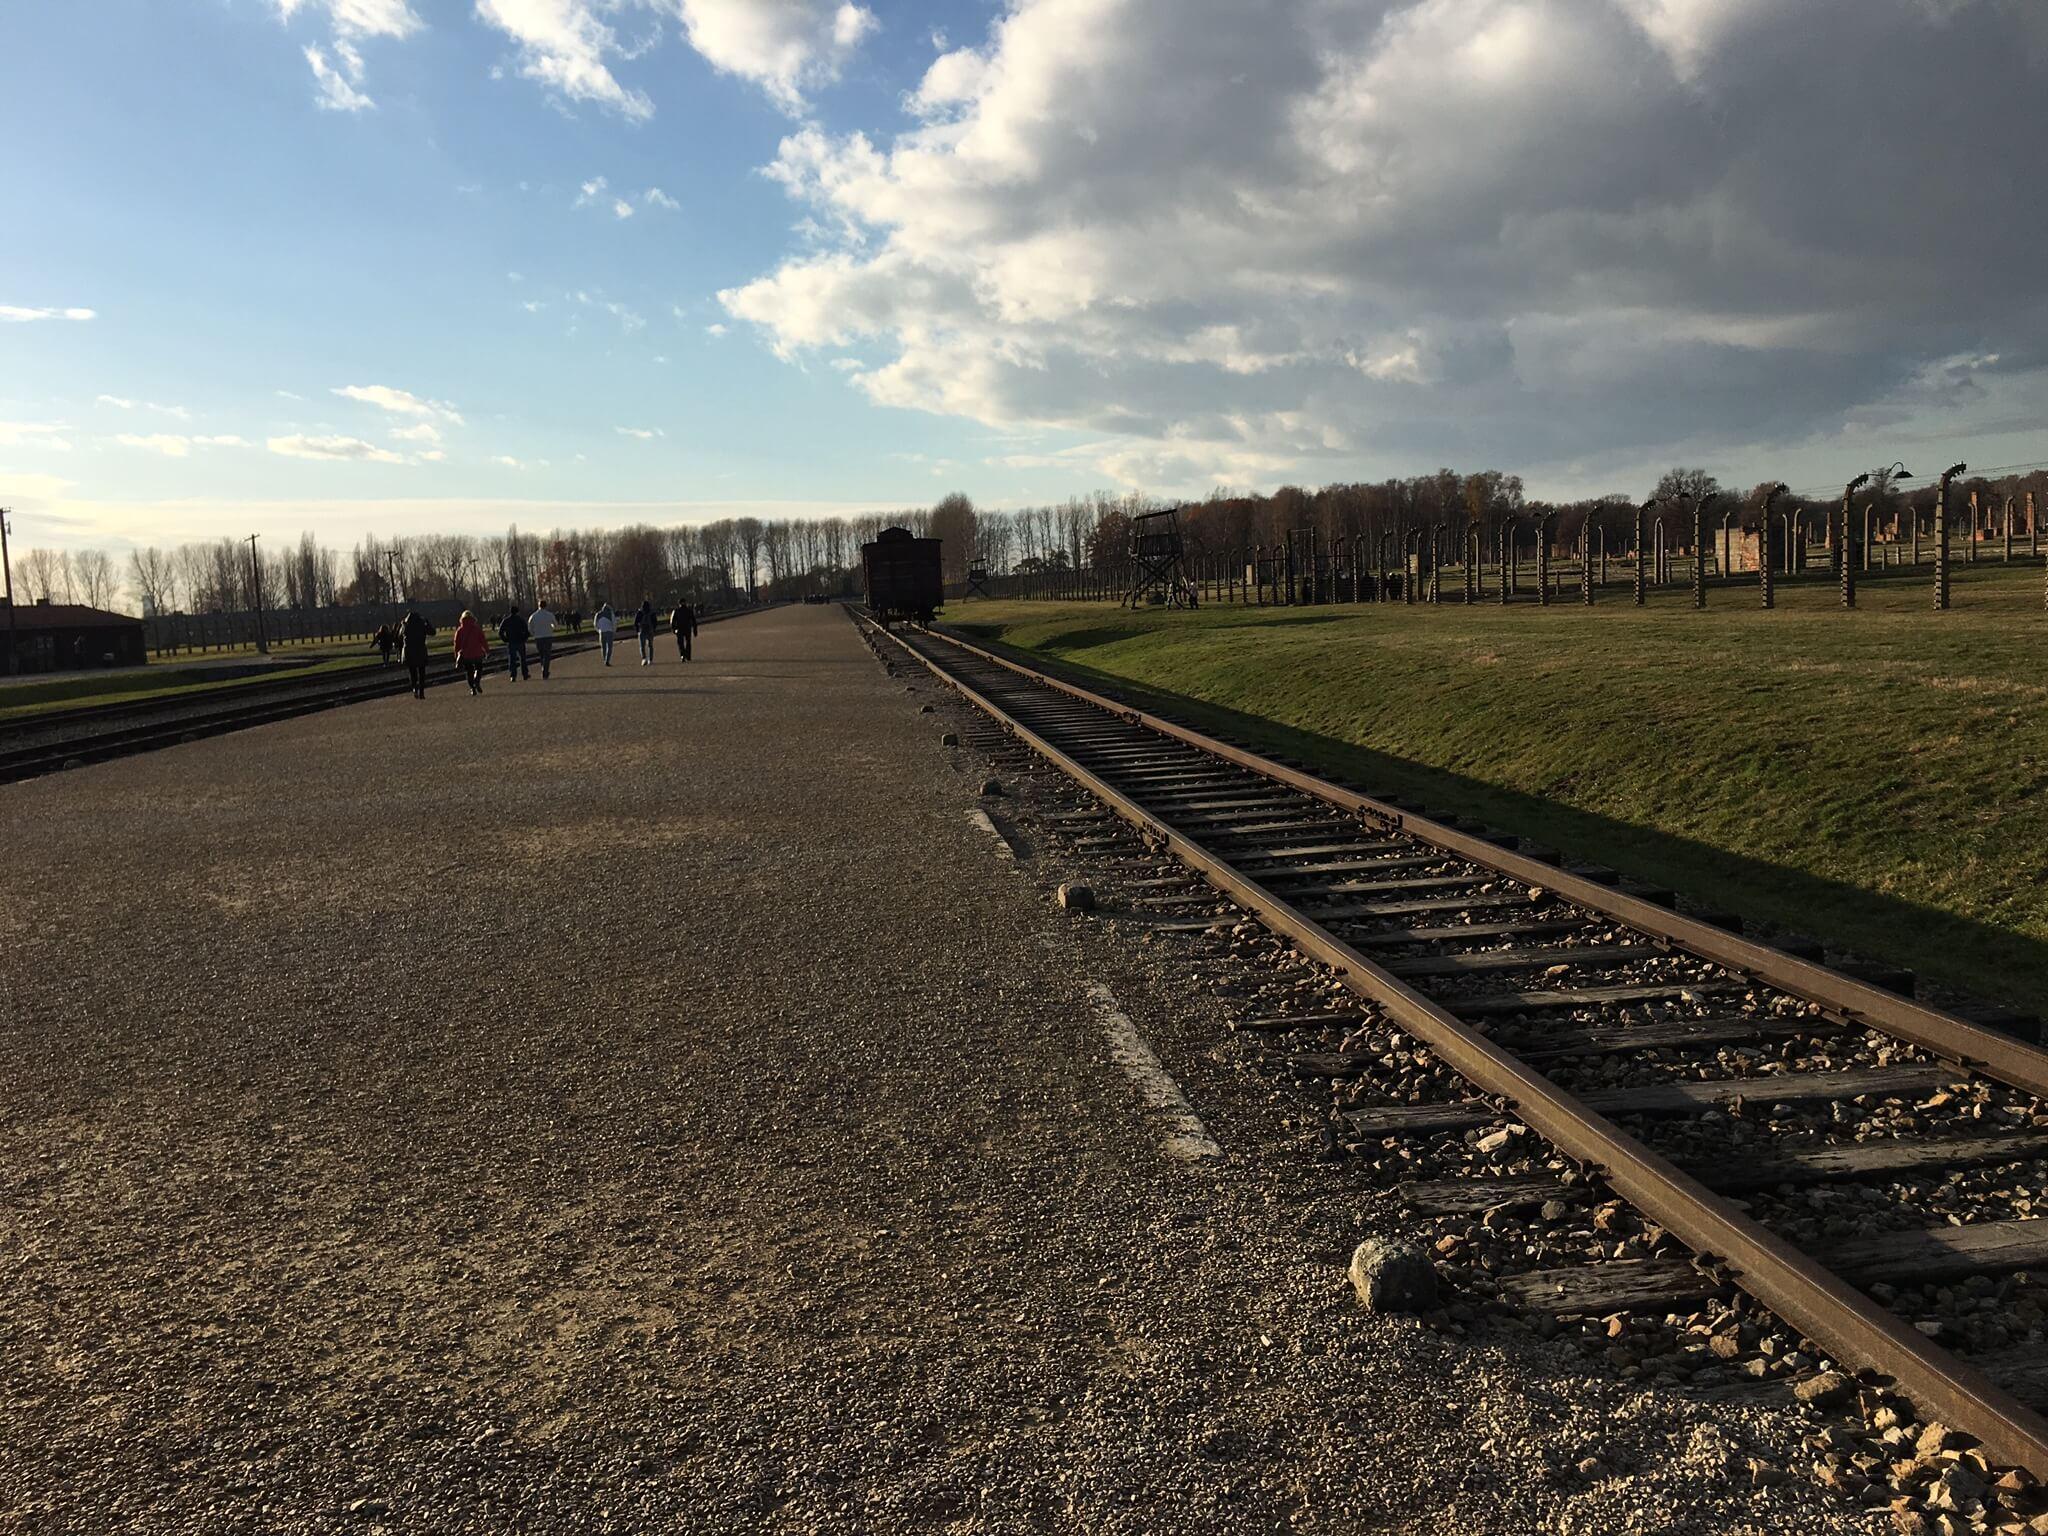 Auschwitz II (Birkenau), Oświęcim